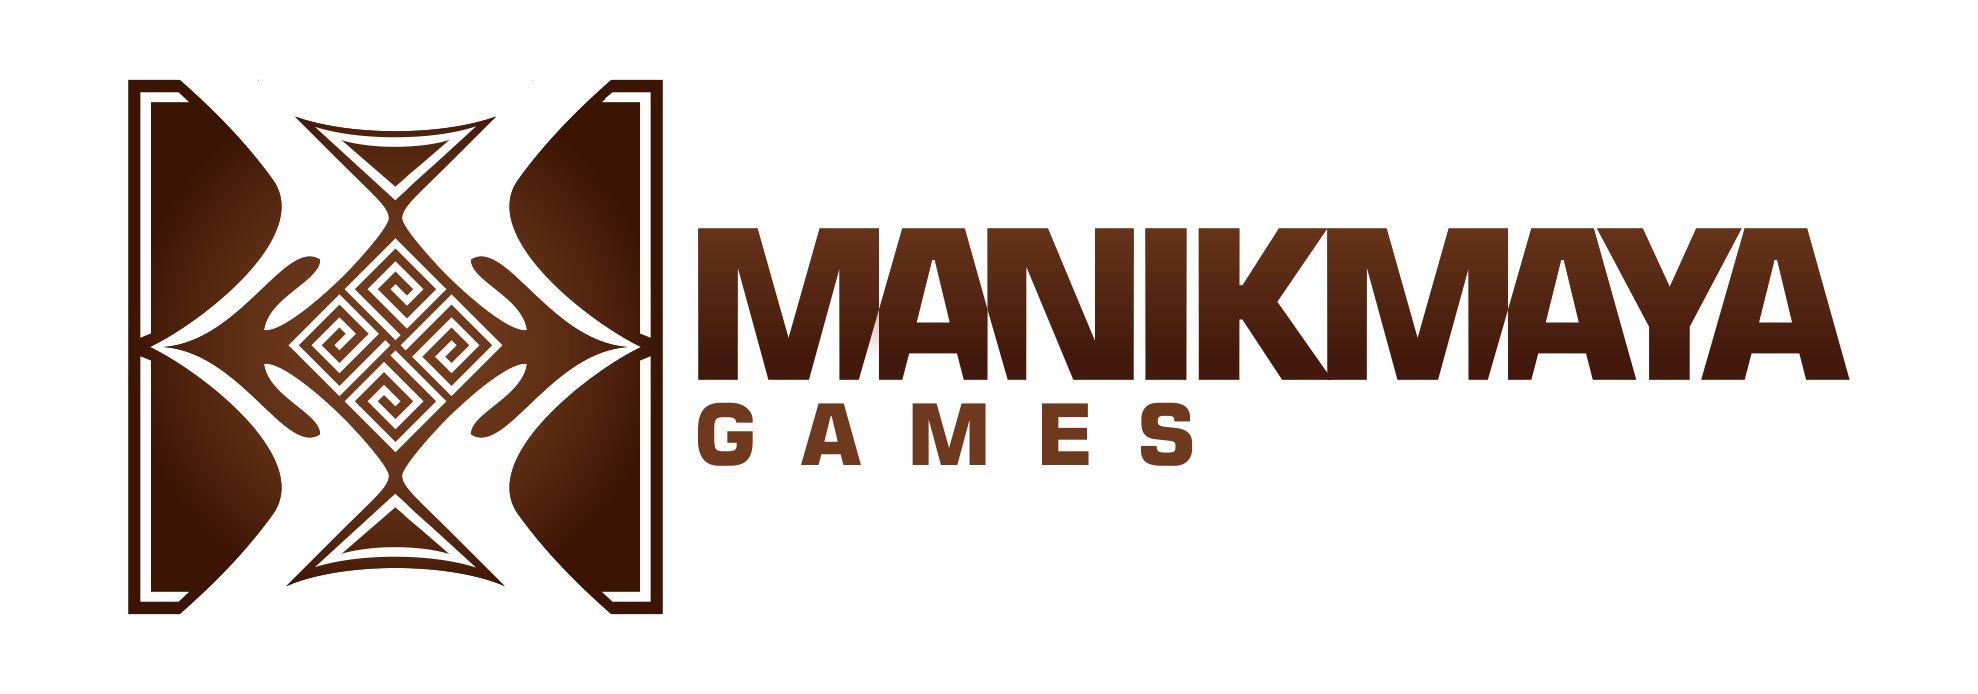 Manikmaya Games photo image